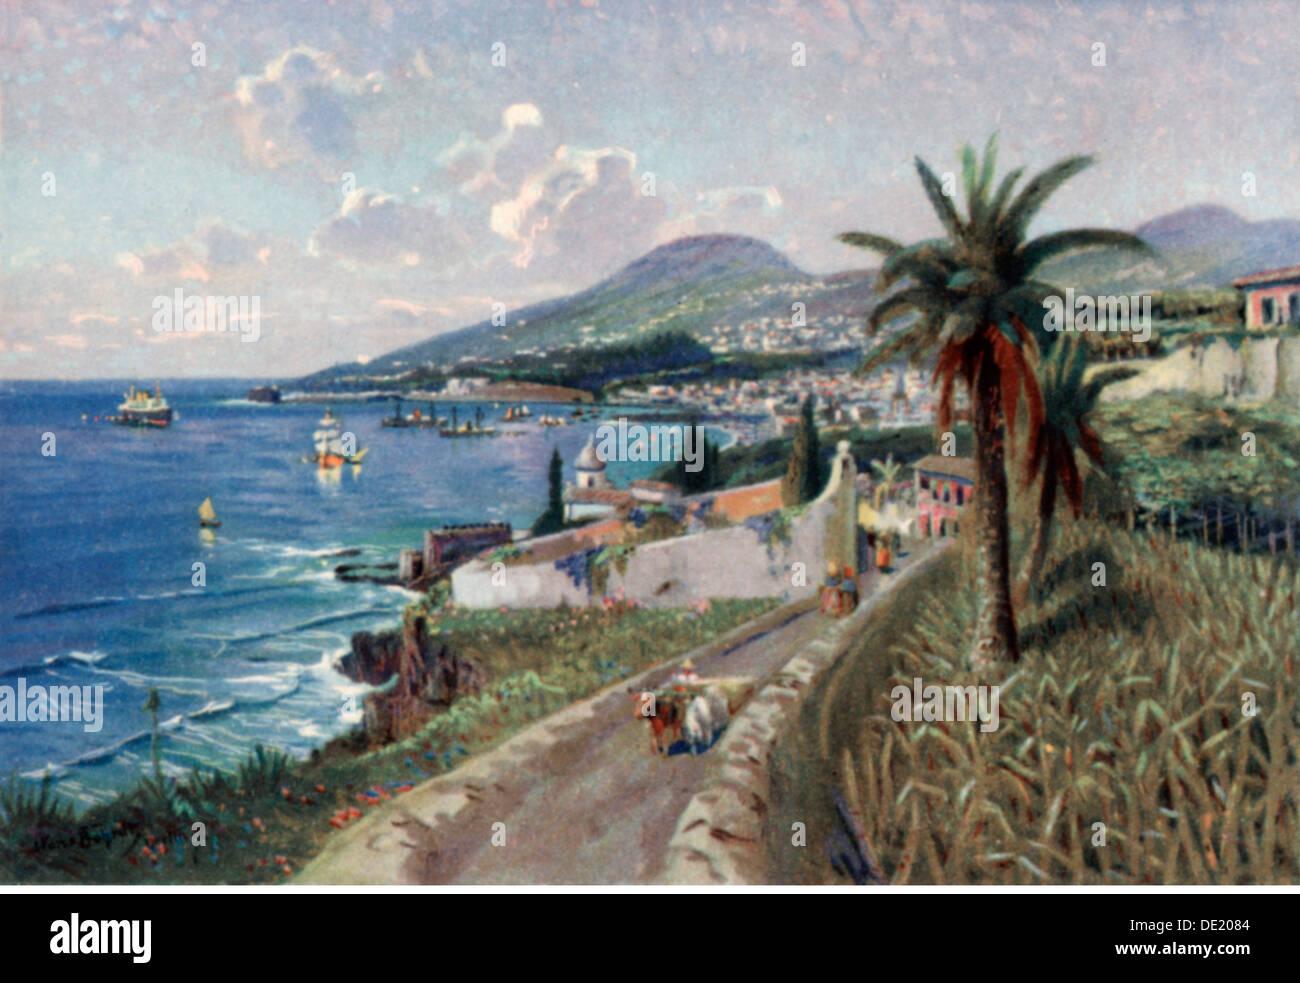 Geographie / Reisen, Portugal, Insel Madeira, Funchal, Ansicht, Kunstpostkarte, 1920er Jahre, Zusatzrechte-Clearences Stockfoto